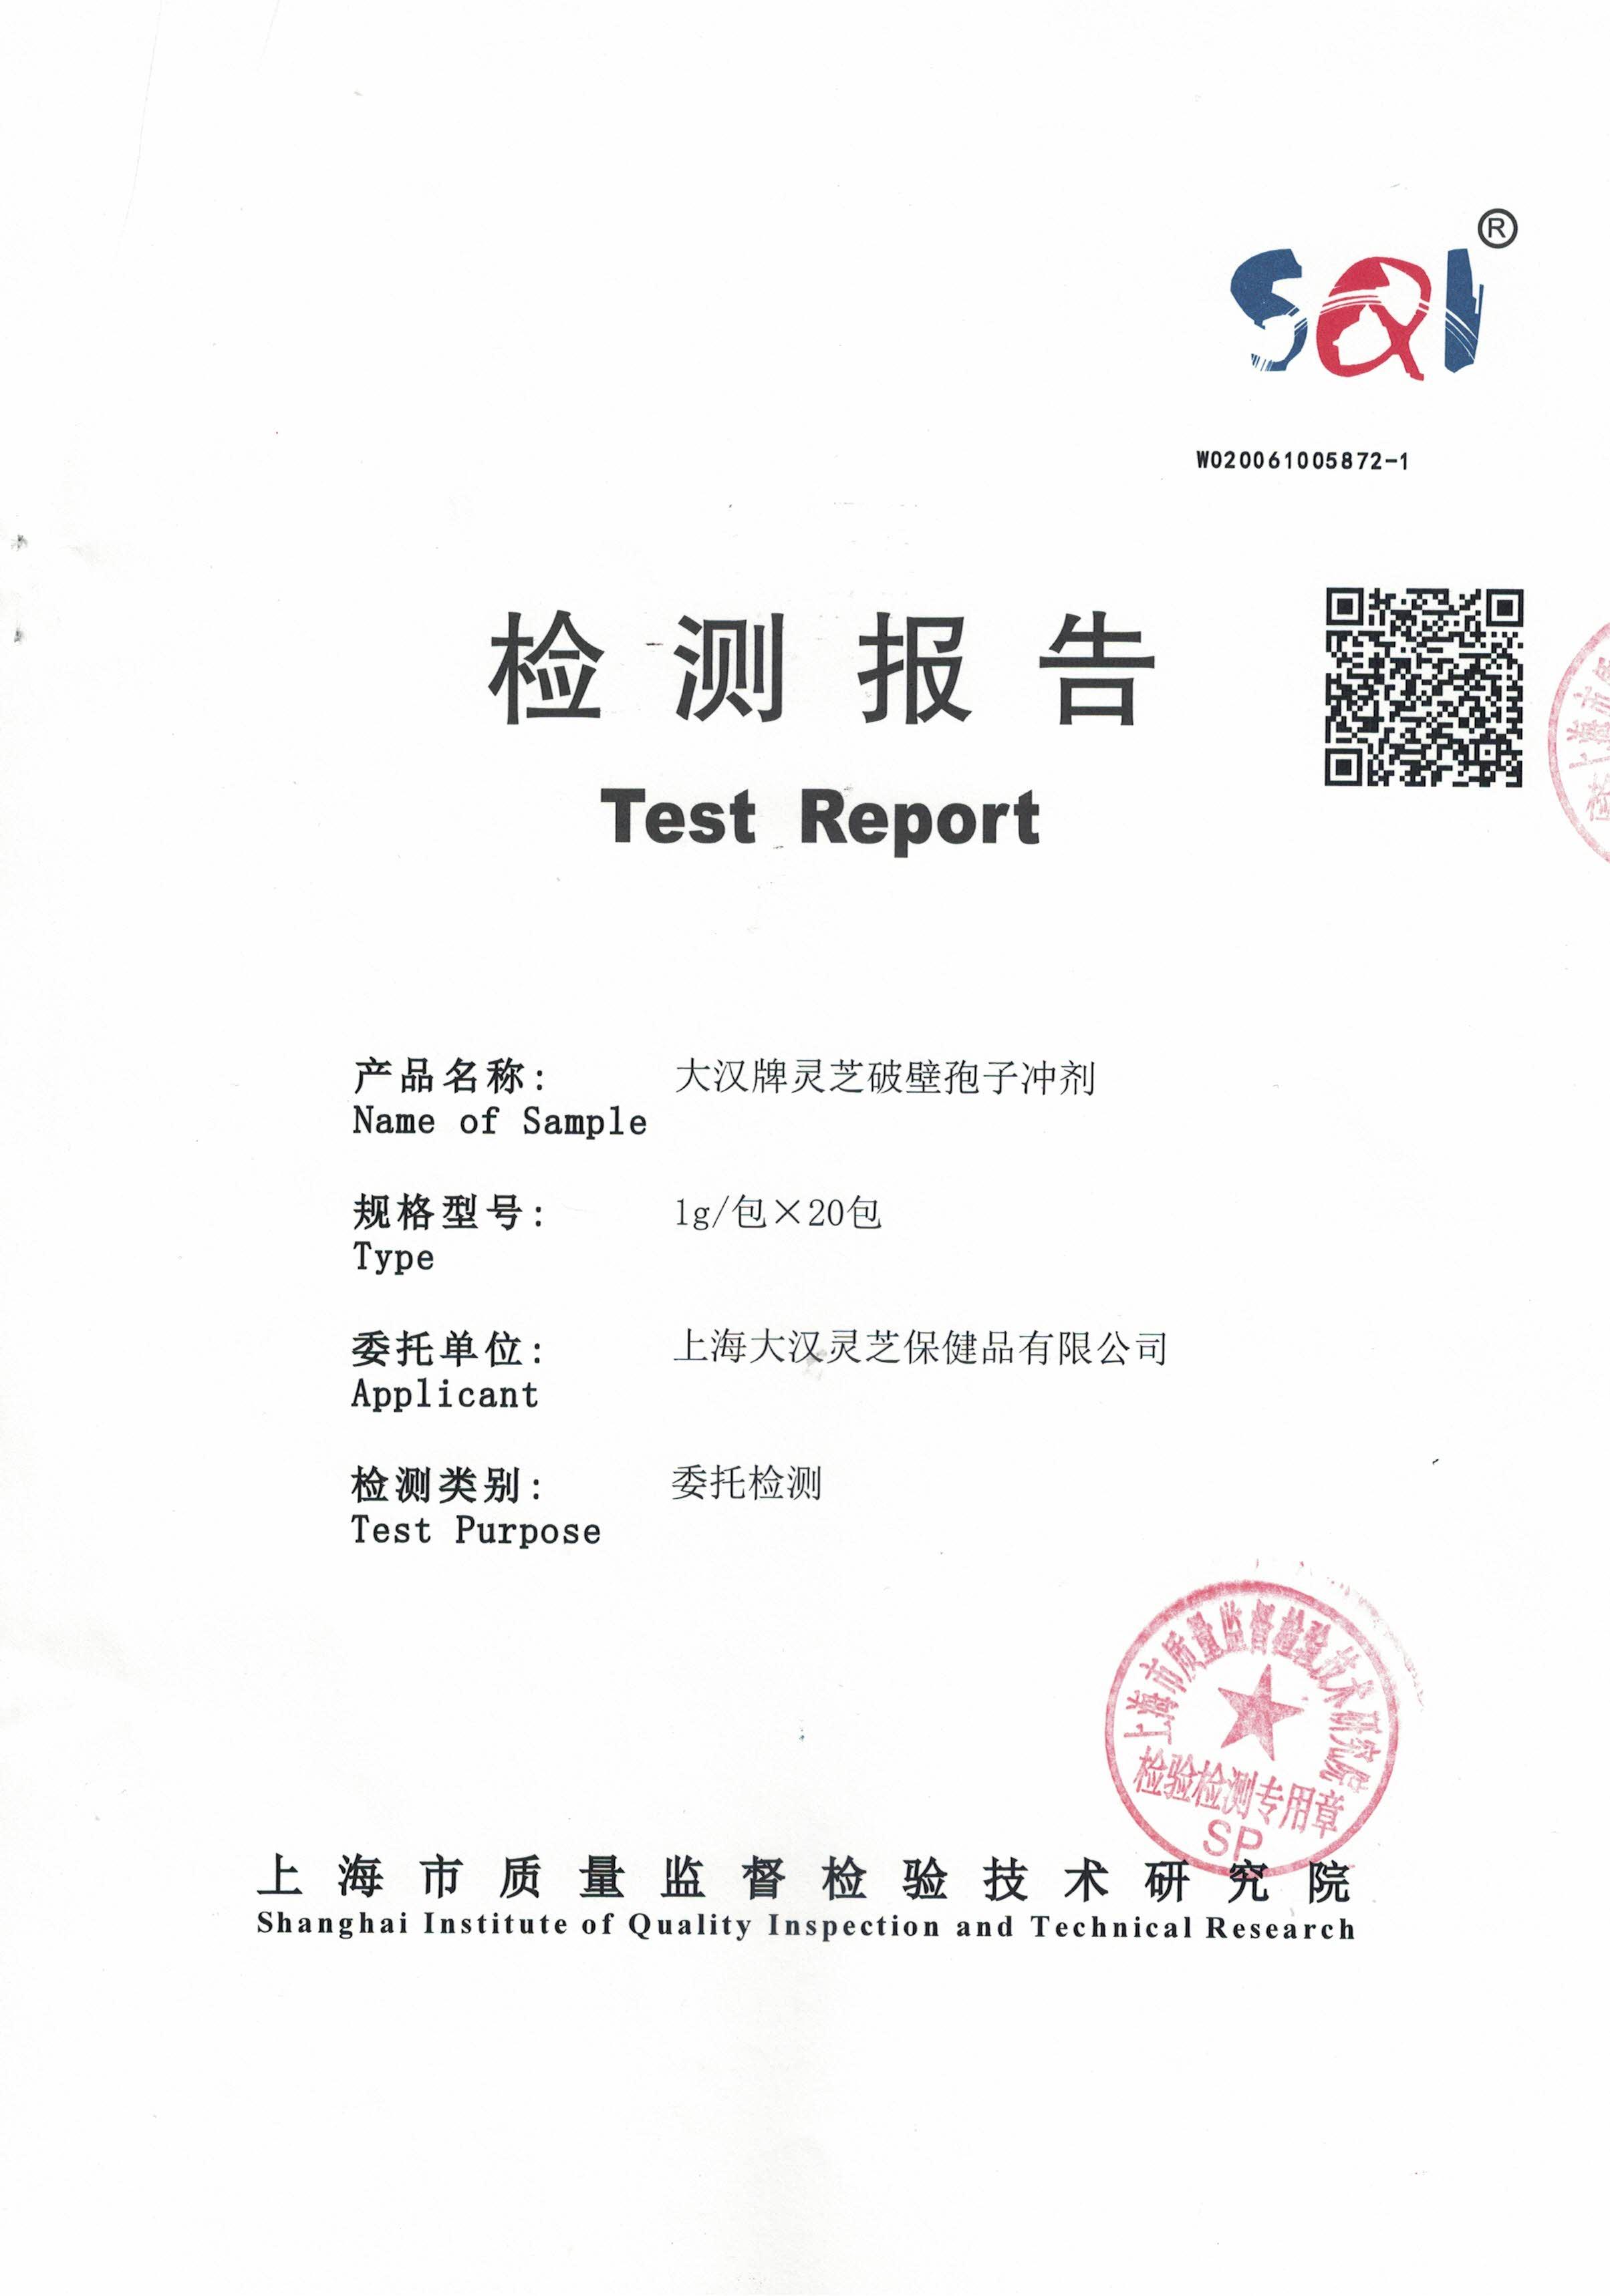 2020年4月23日 大汉牌灵芝破壁孢子冲剂 重金属含量检测报告